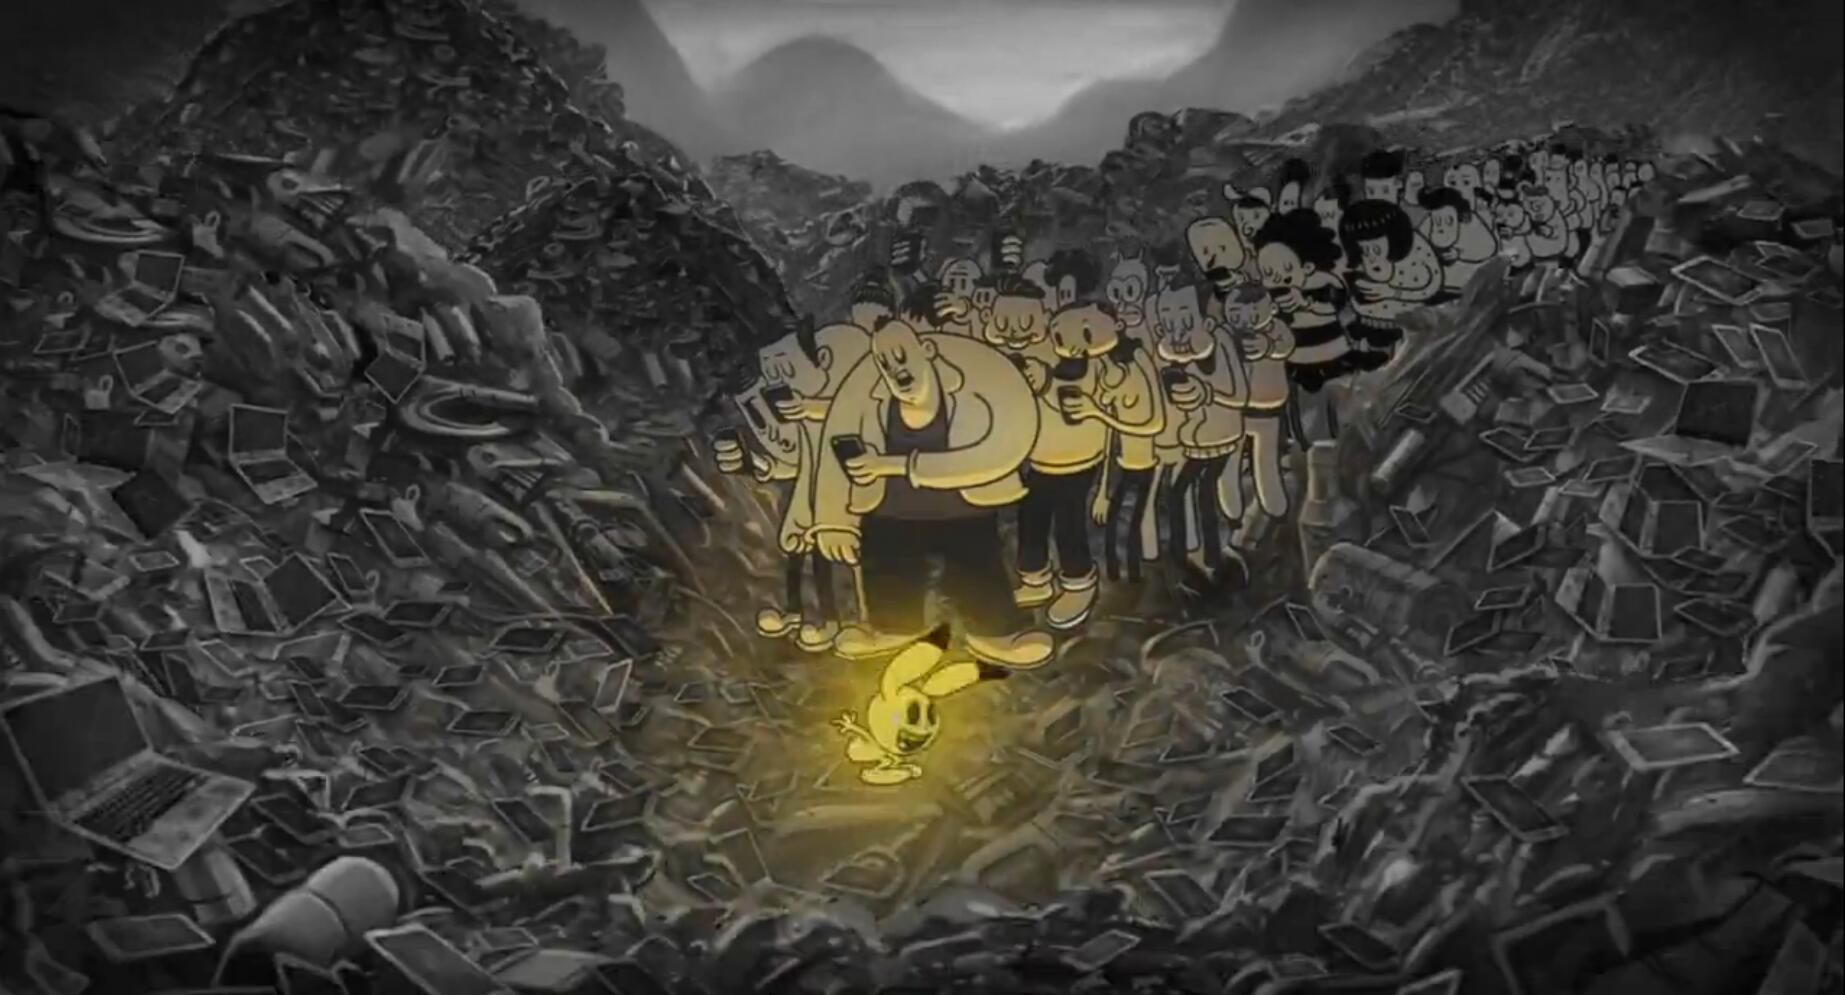 动画短片《如同我一样迷失在这世界中》